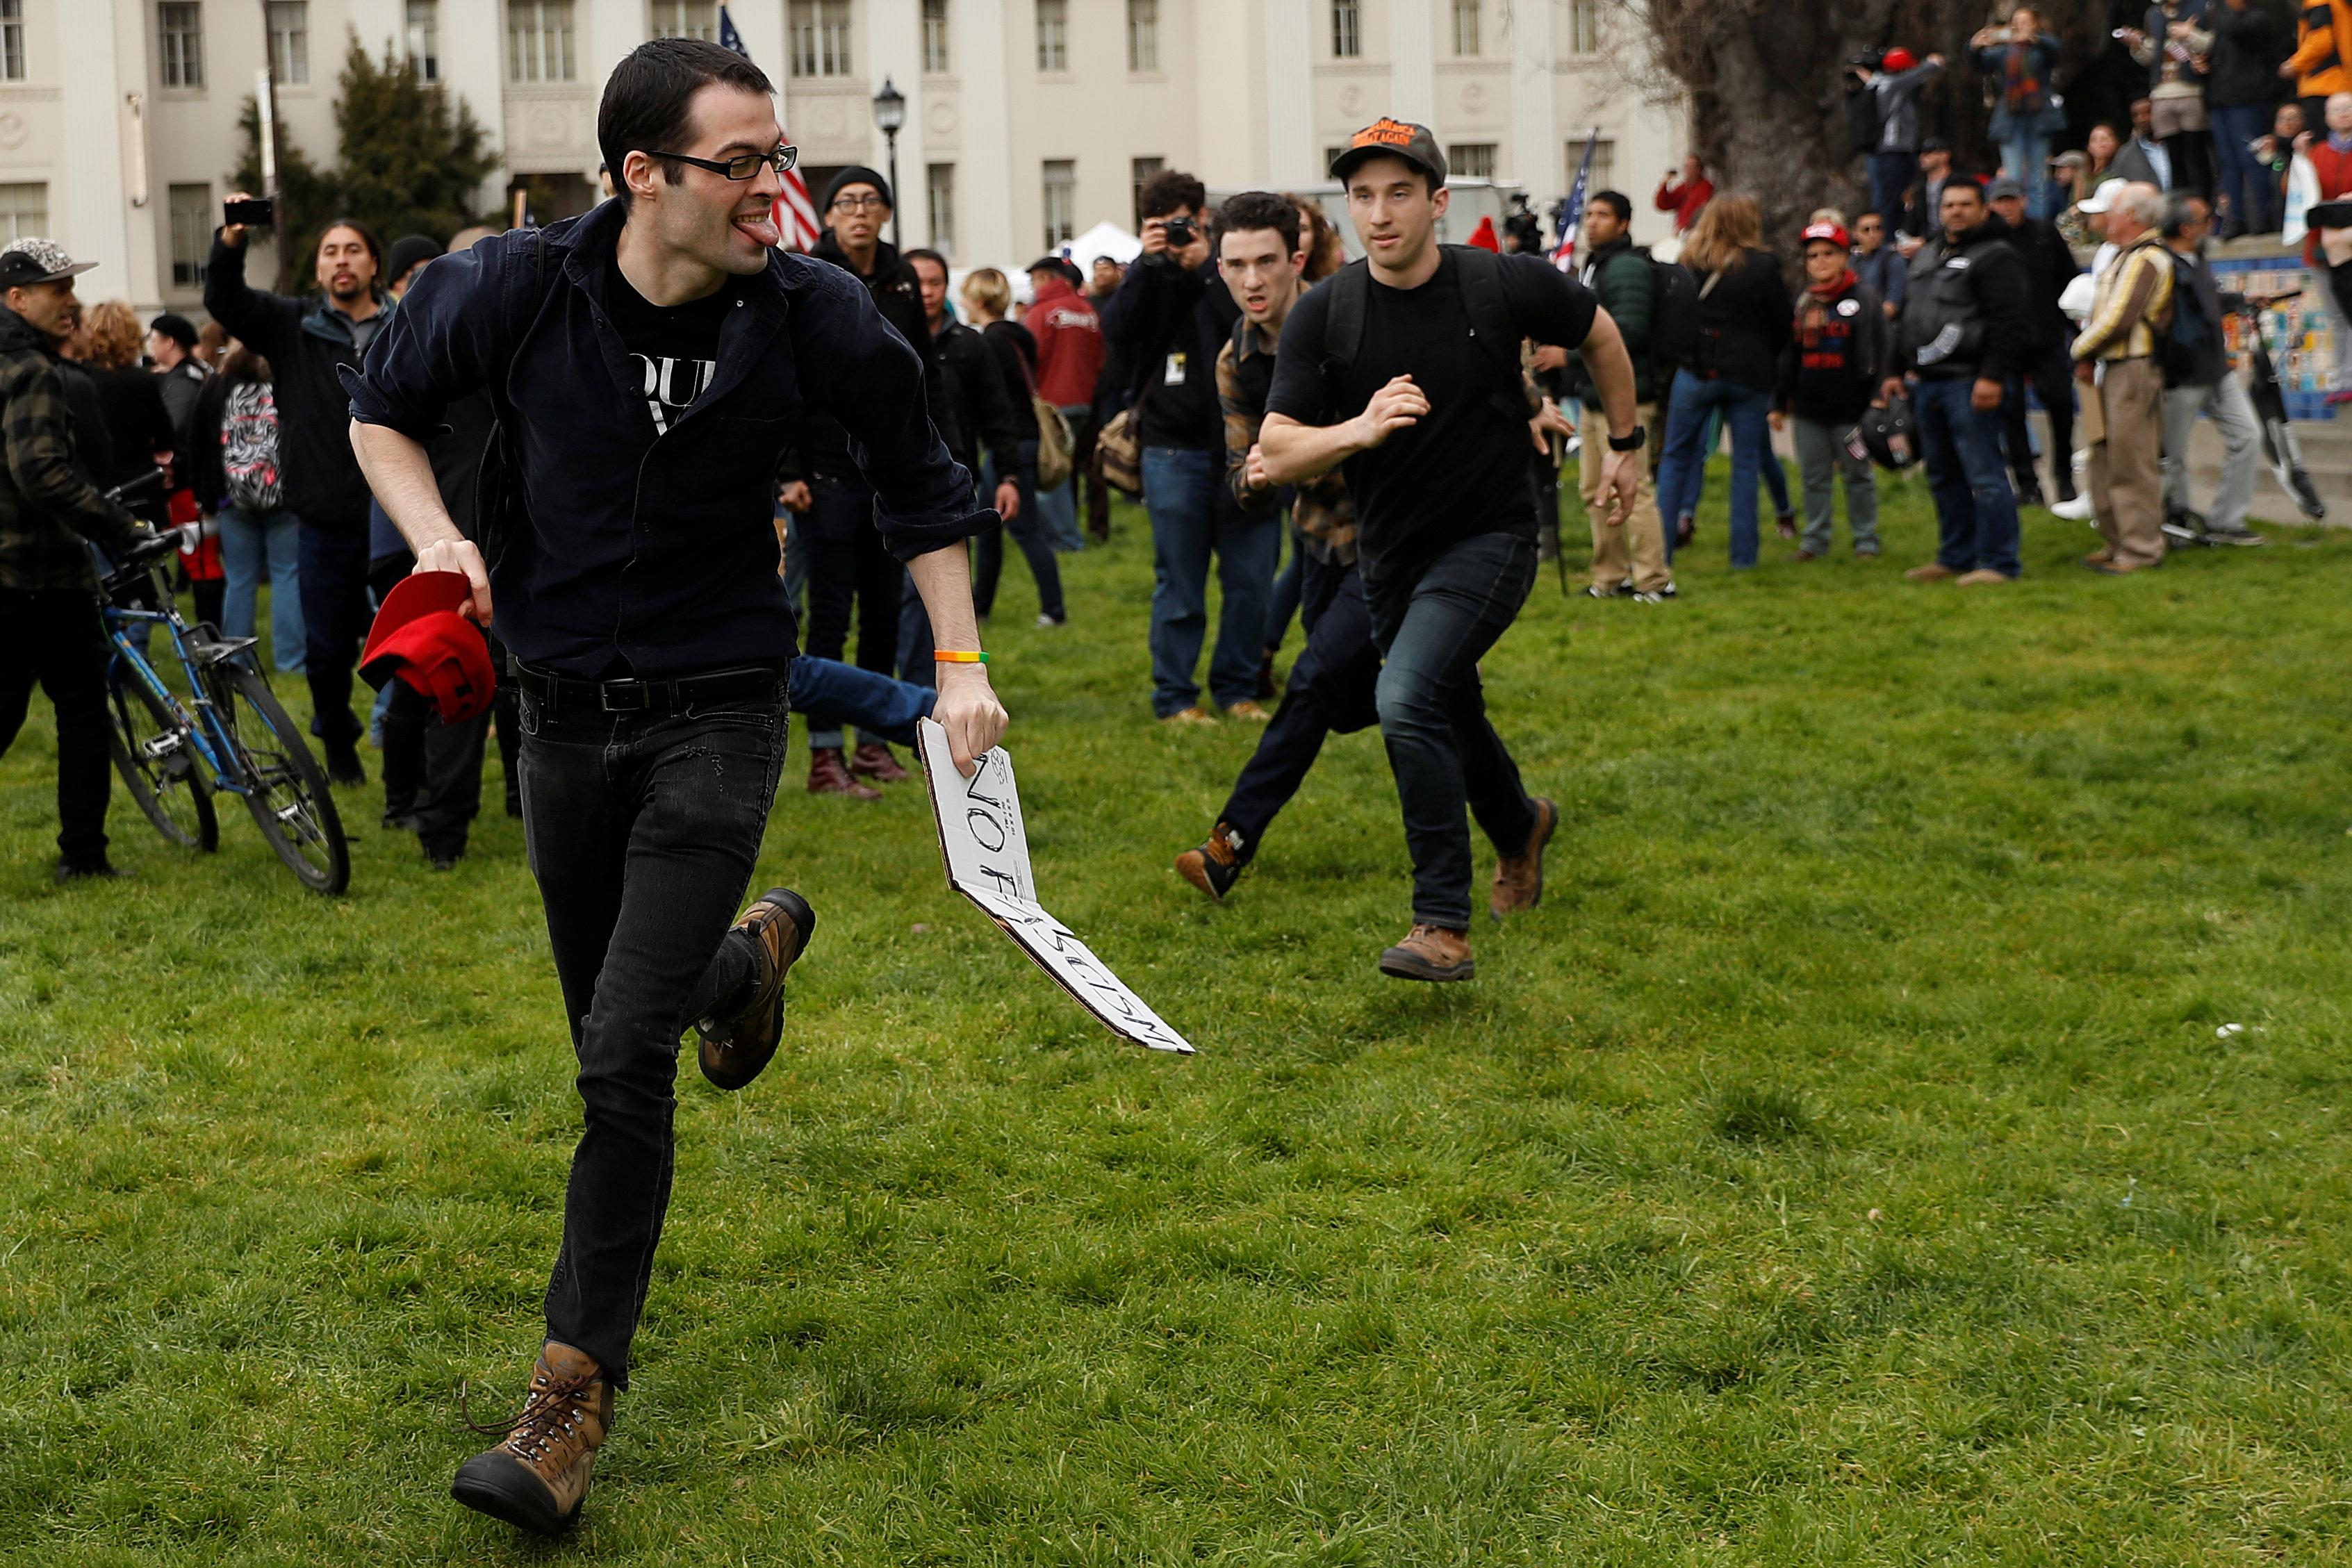 أحد المتظاهرين يجرى خوفا من الاعتداء عليه